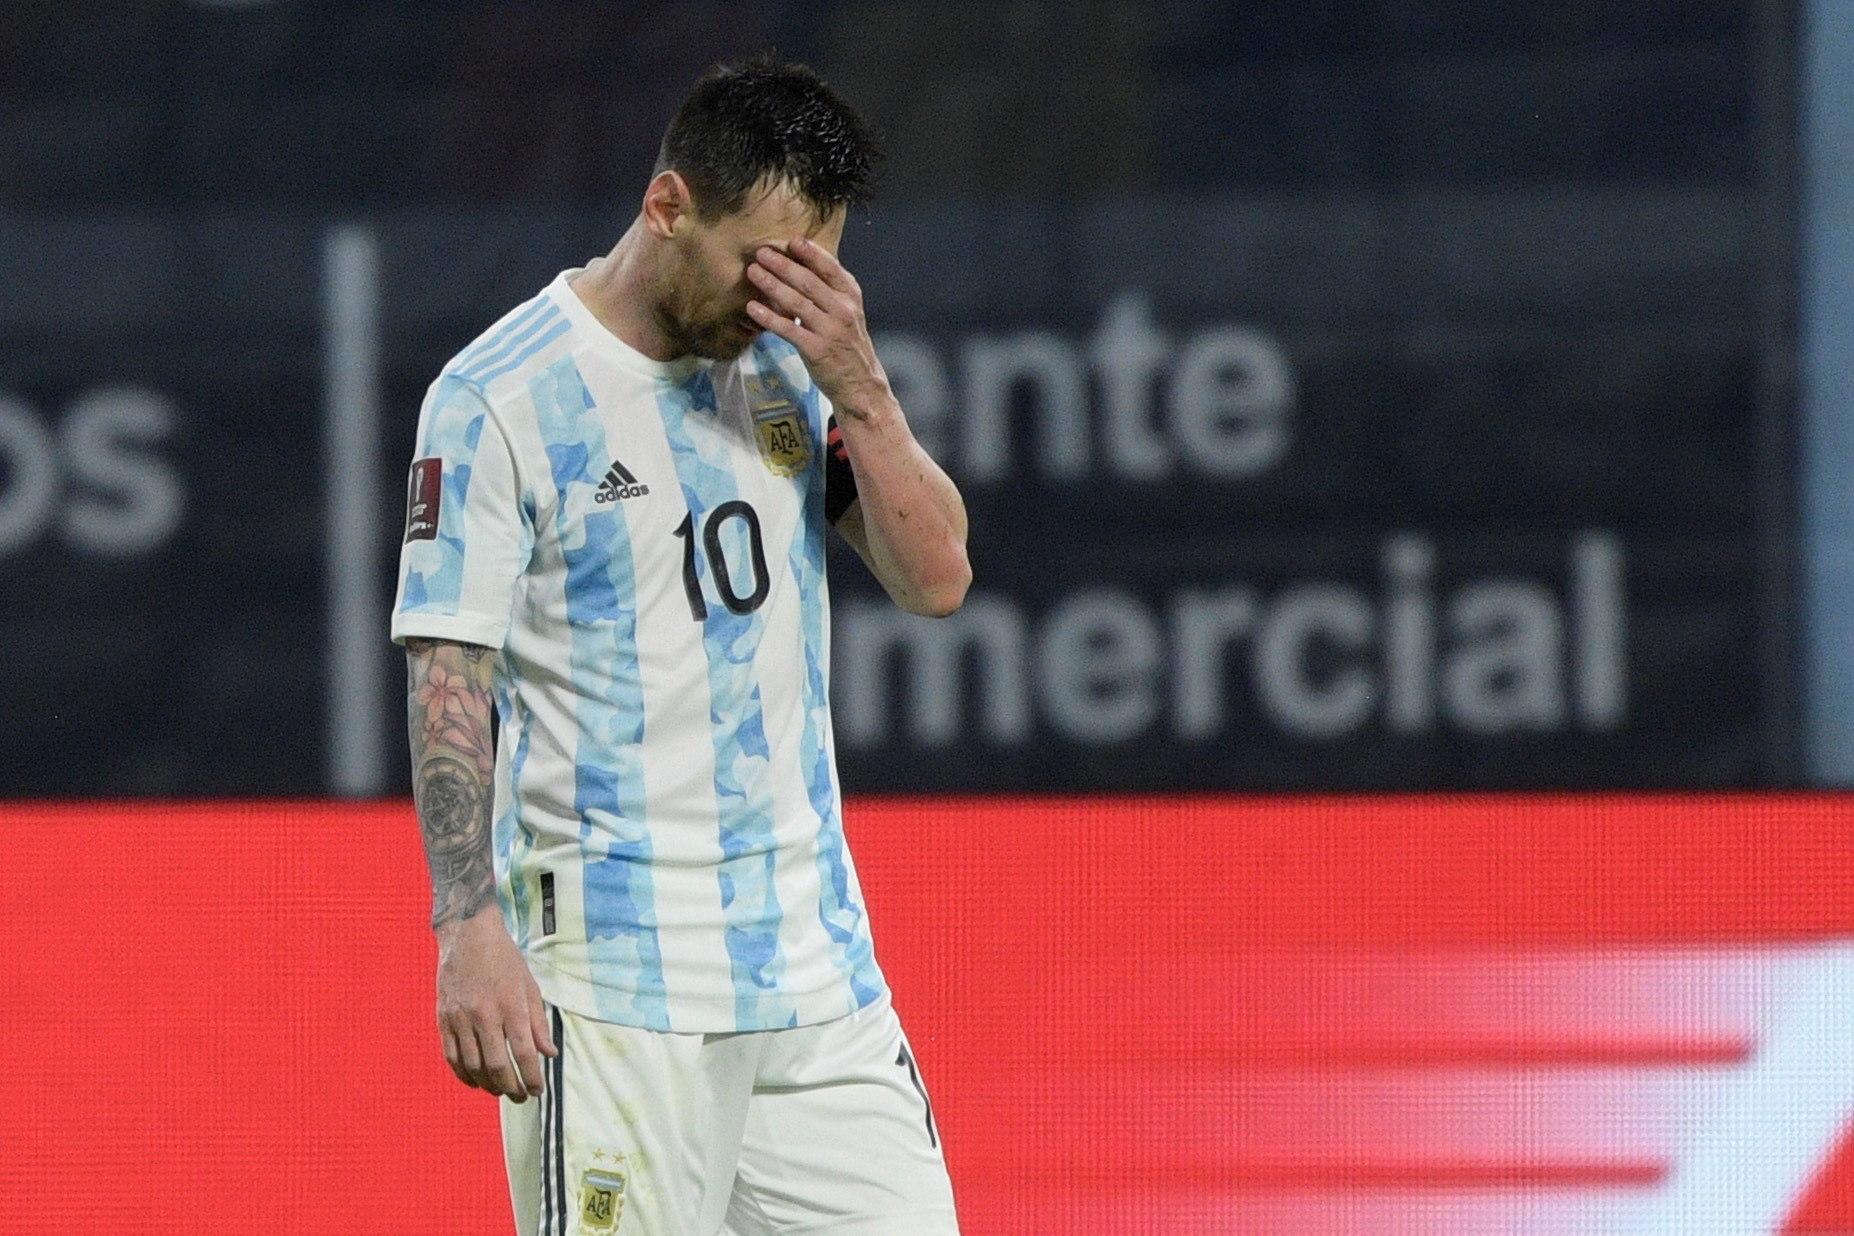 Messi donó más de 30 respiradores pero hace mas de 10 meses que están abandonados en el aeropuerto